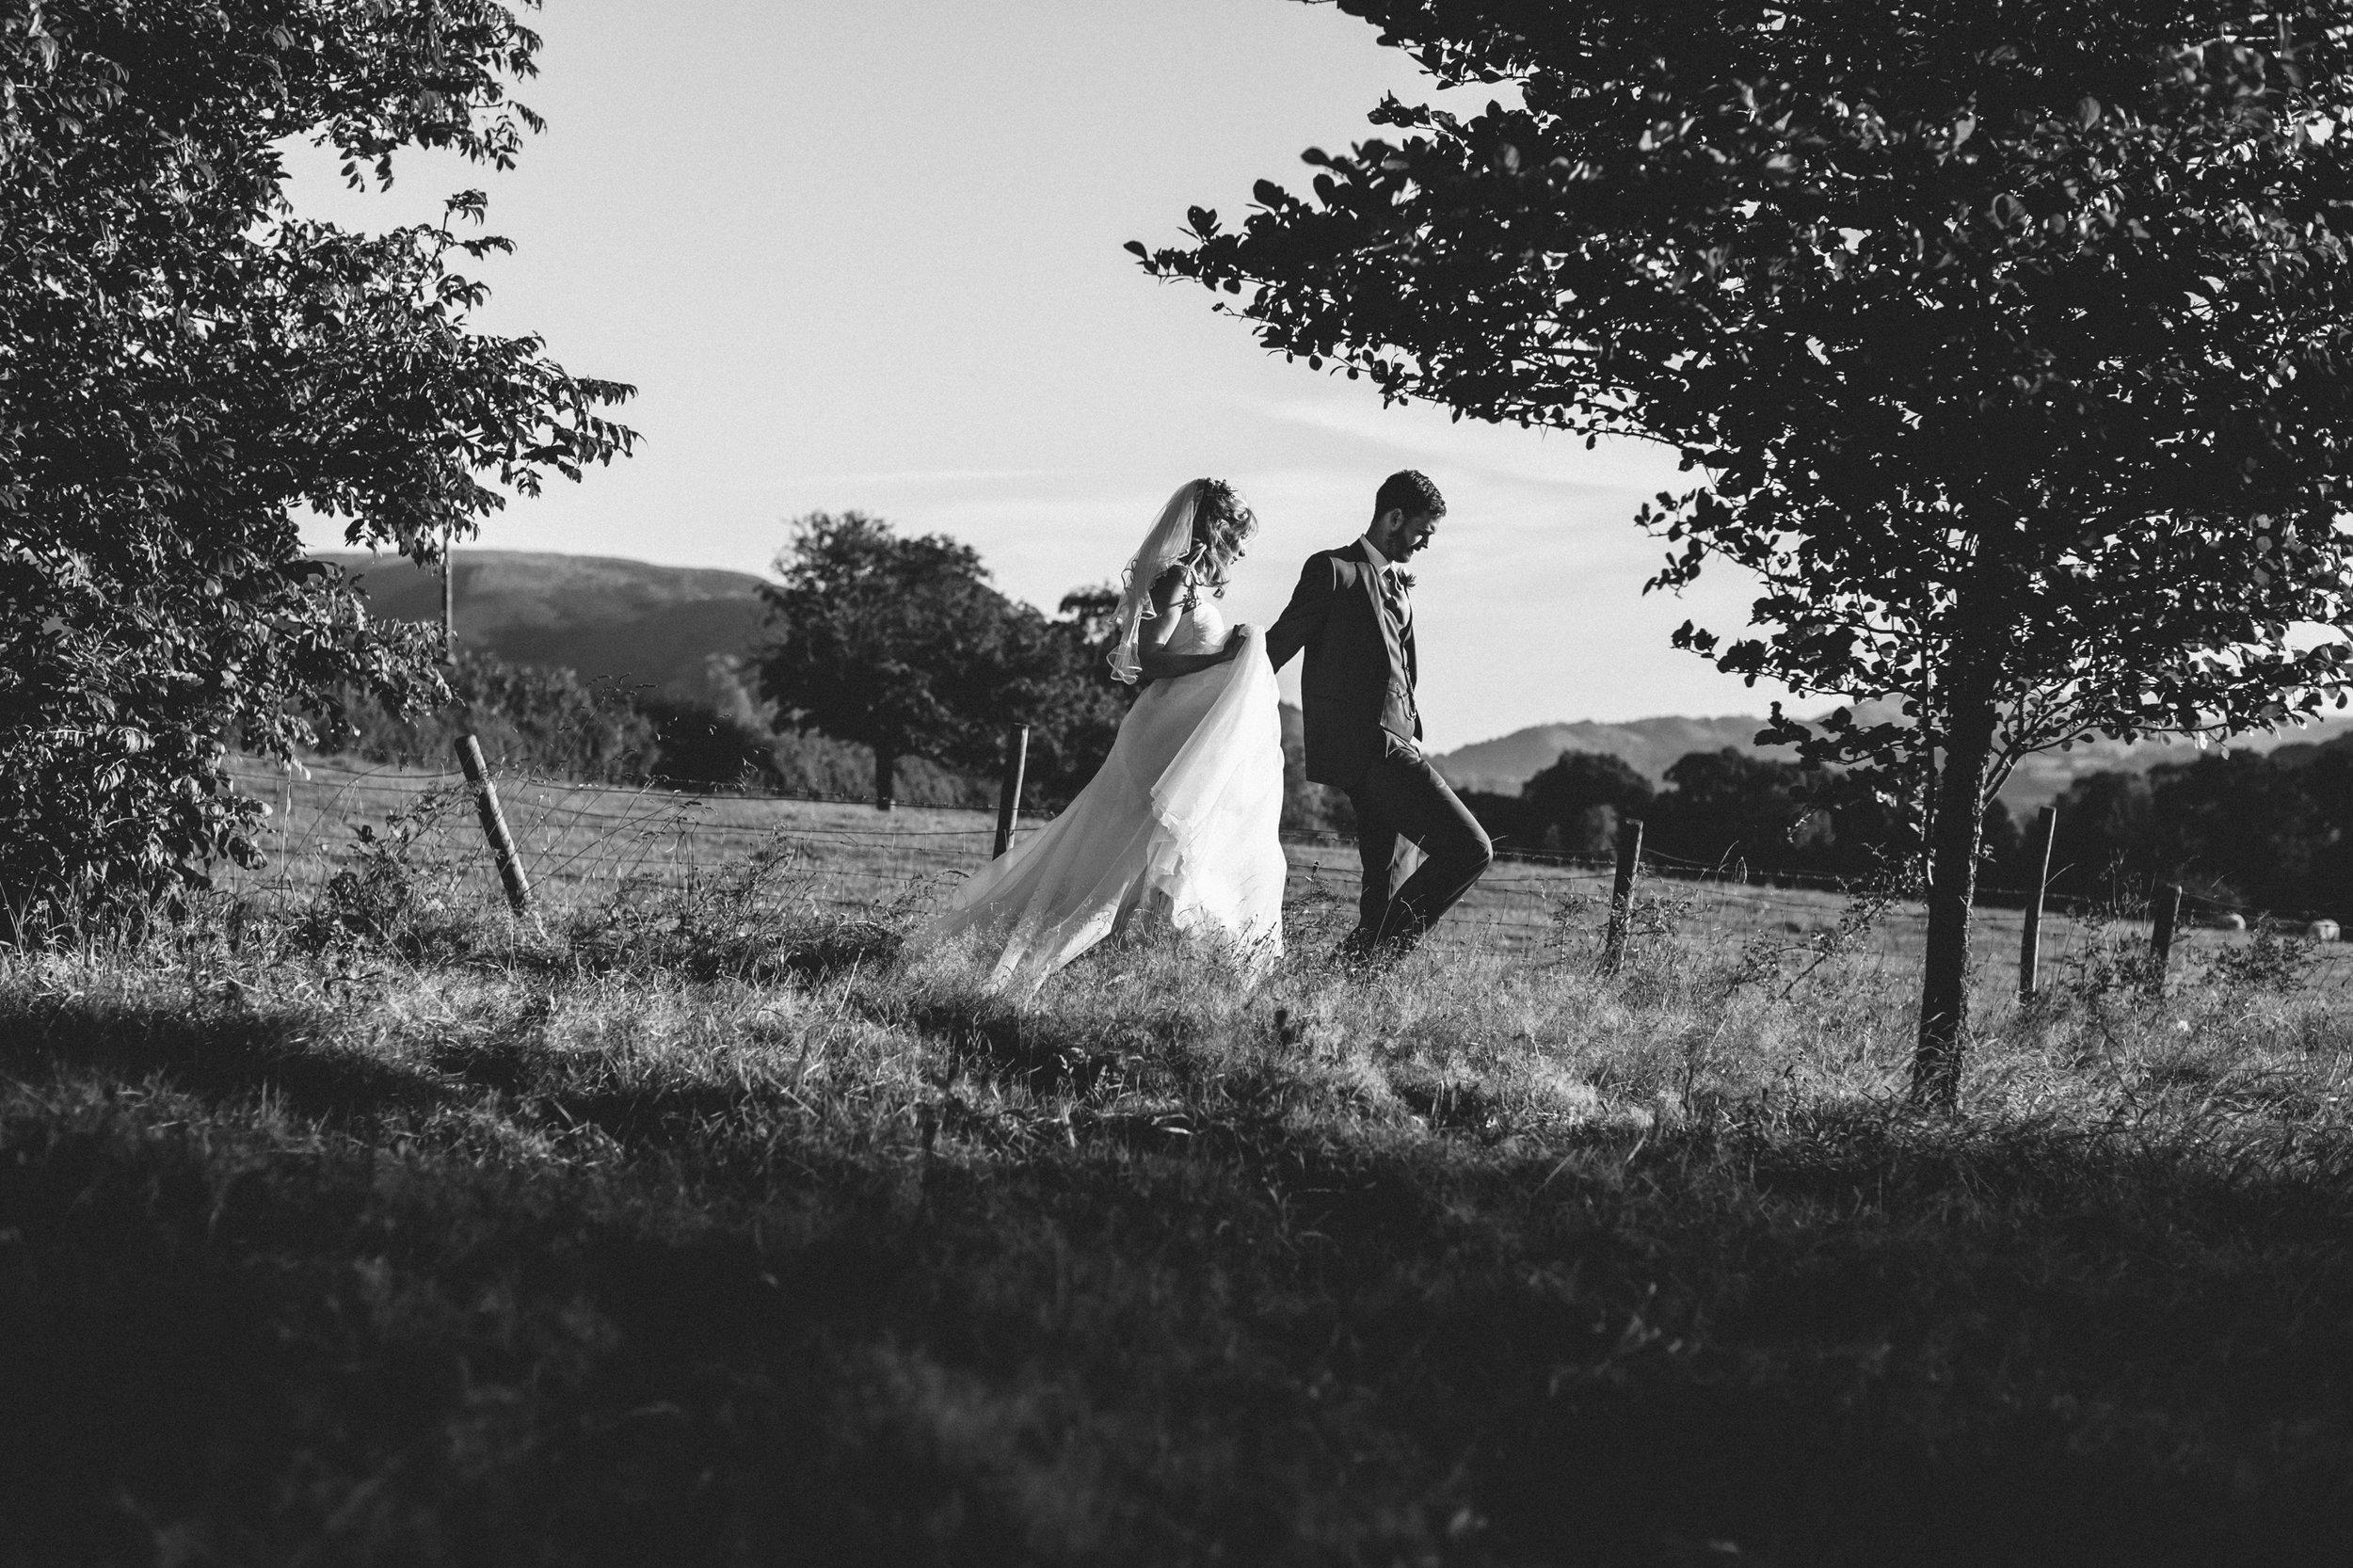 uk wedding photographer artistic wedding photography-105.jpg